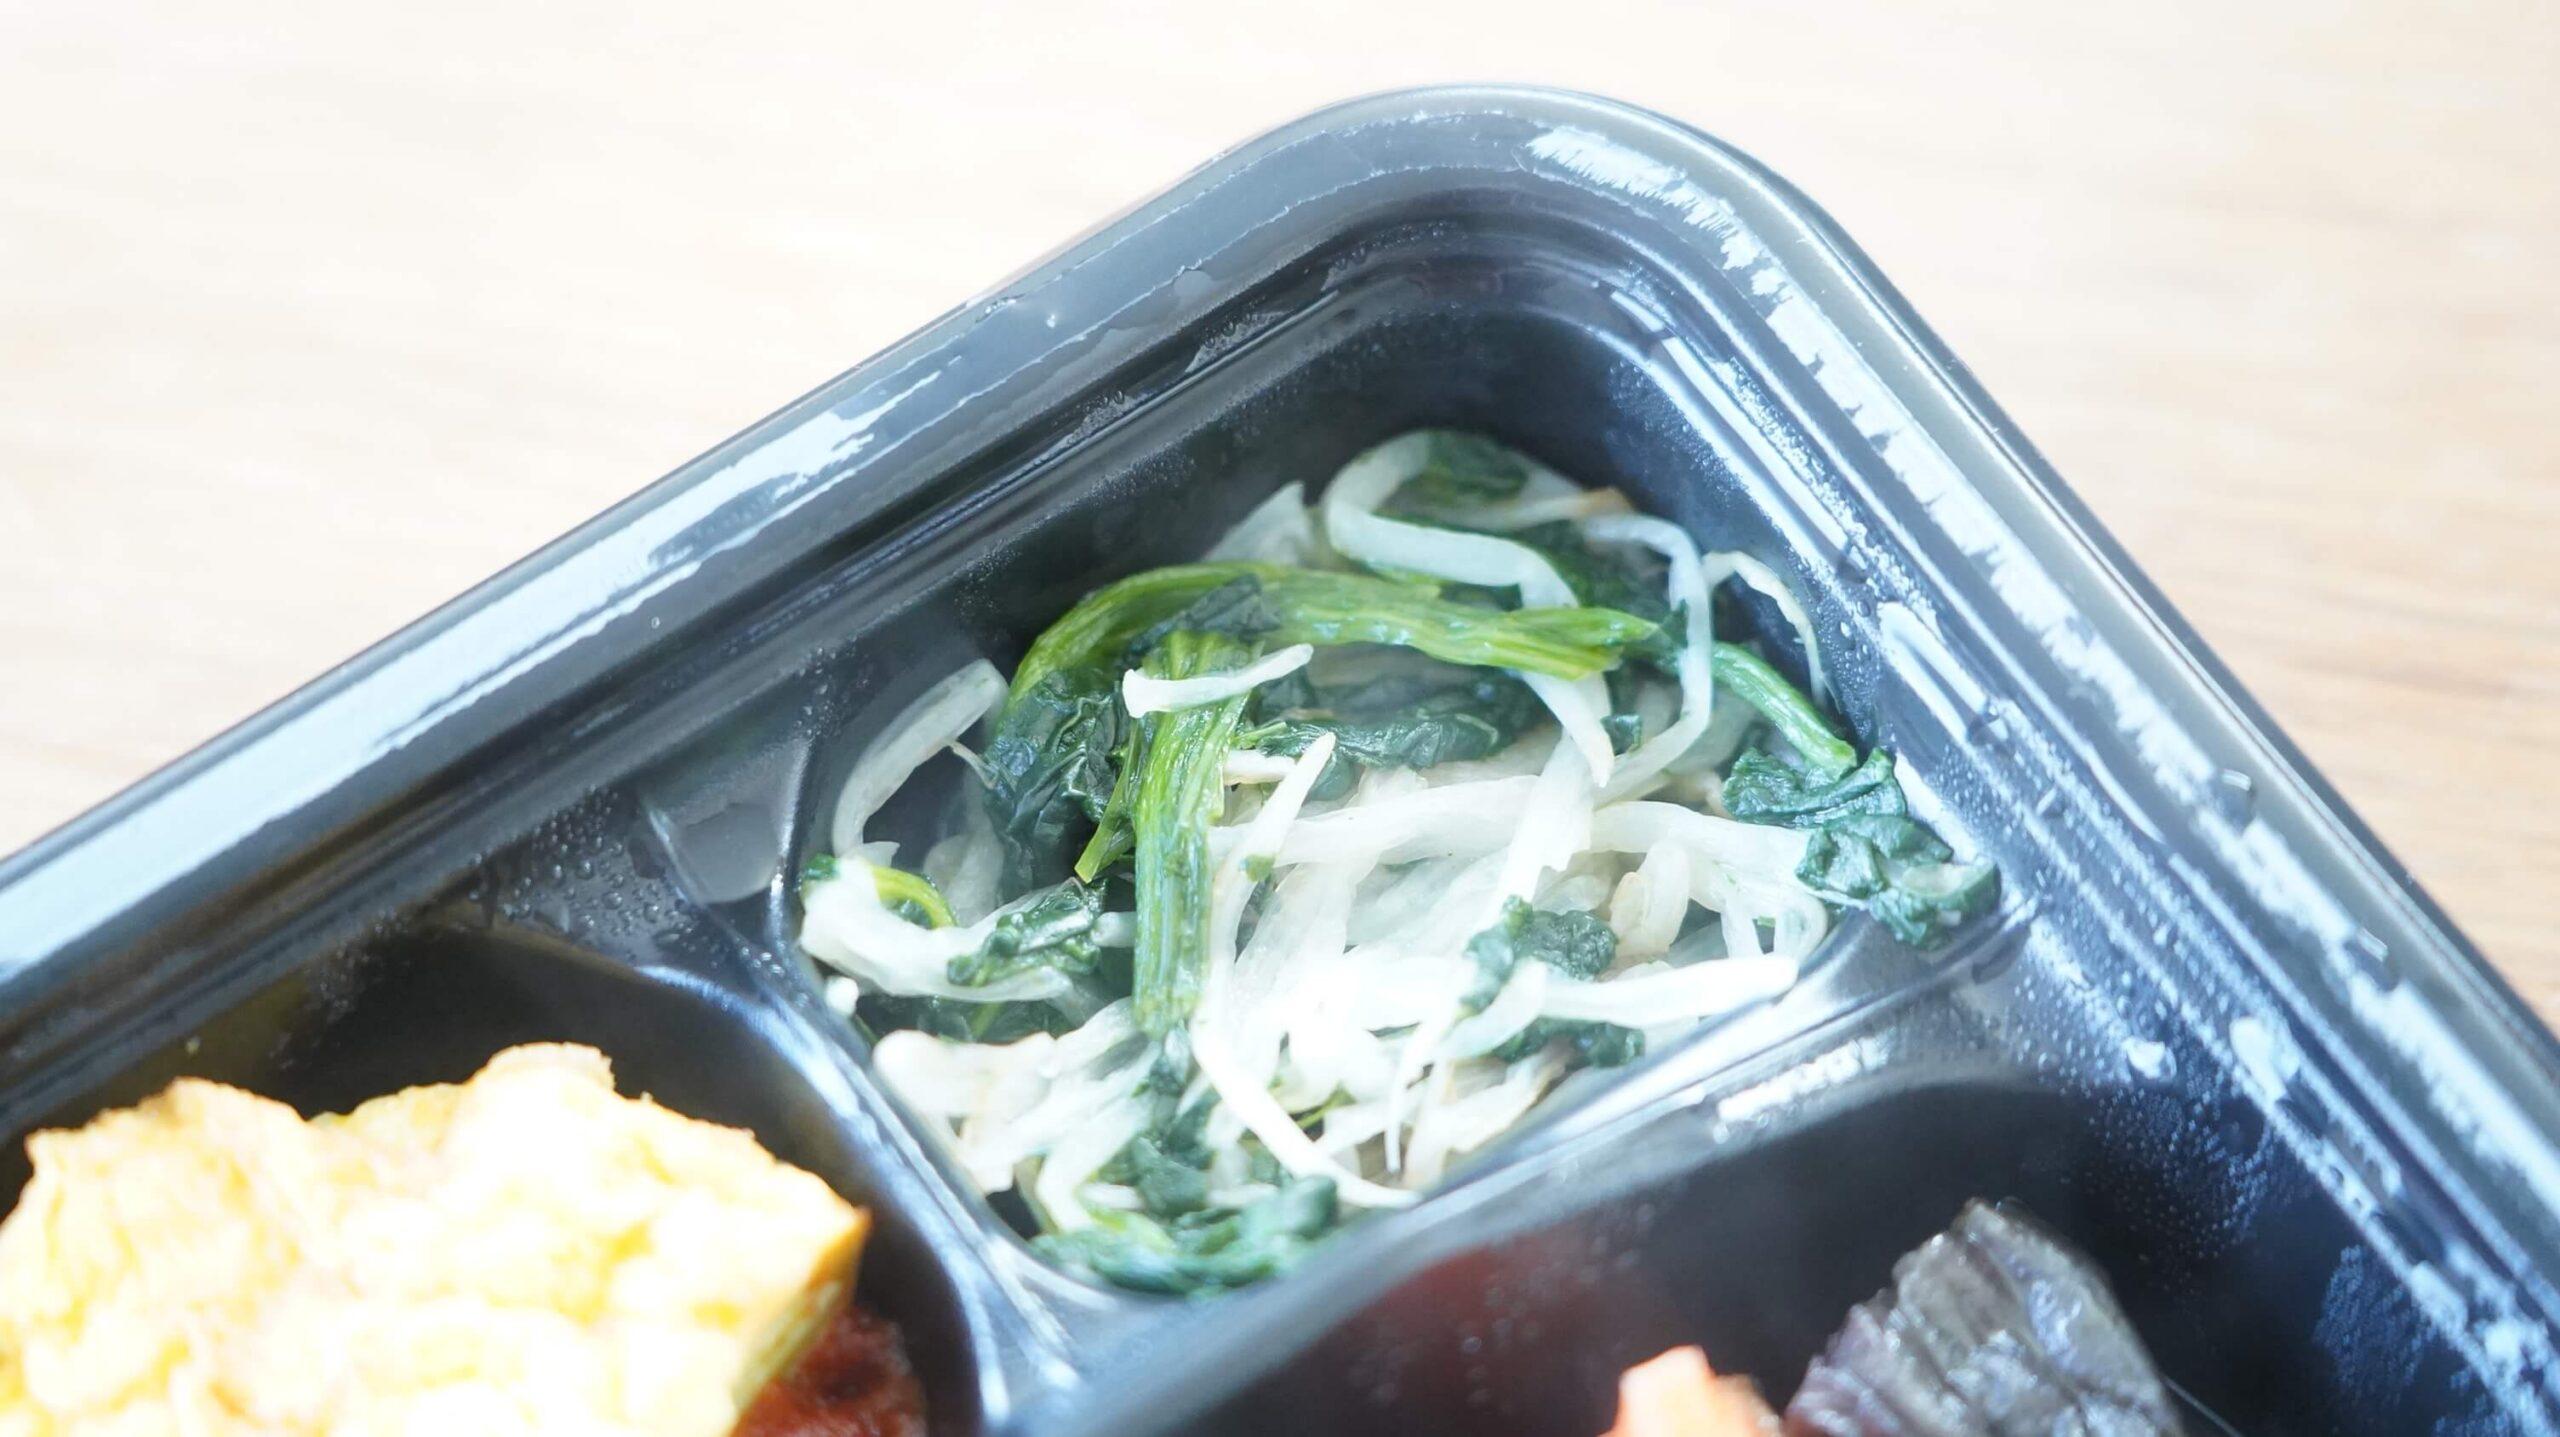 ライザップのサポートミール「さばのカレームニエル」の「ほうれん草ともやしの中華風おひたし」の写真